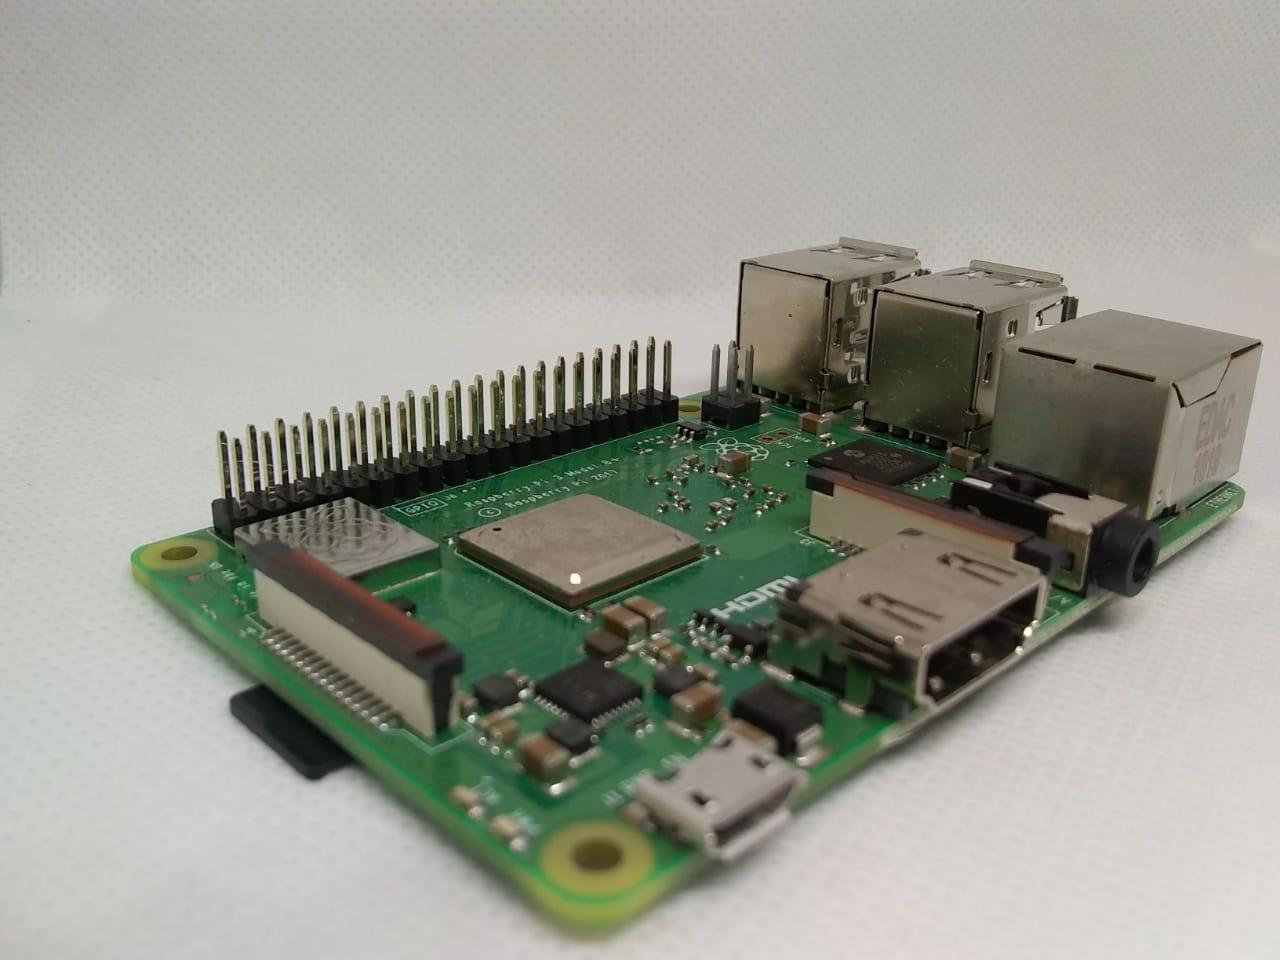 raspbian pi 3b+ placa hardware